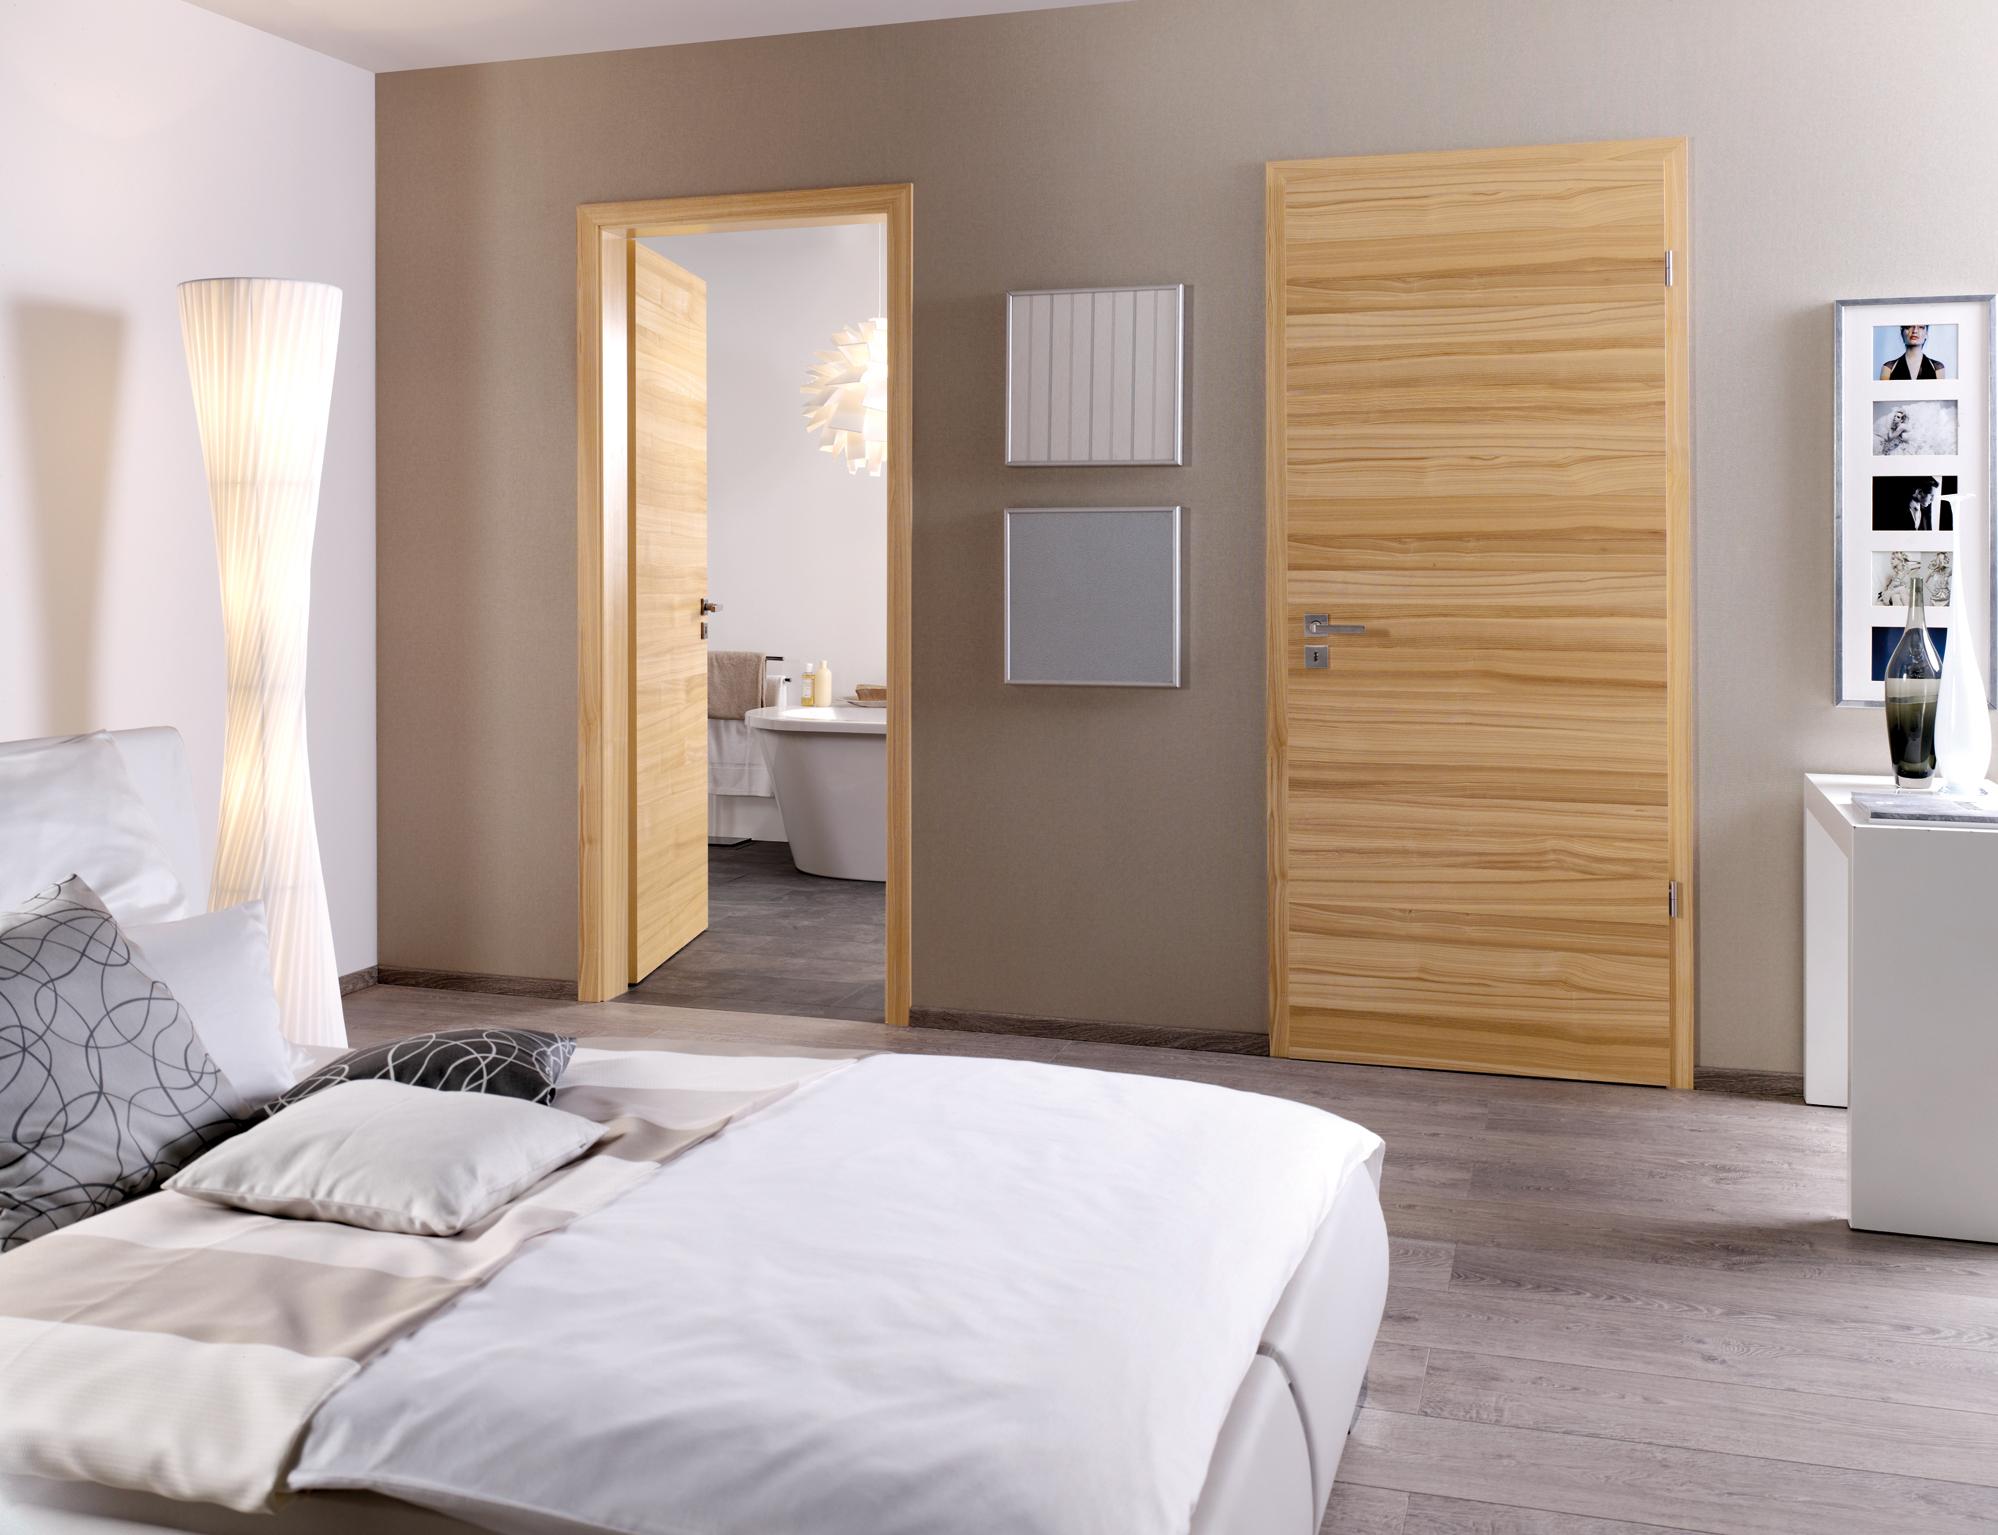 die fr hjahrskur f r die eigenen vier w nde. Black Bedroom Furniture Sets. Home Design Ideas